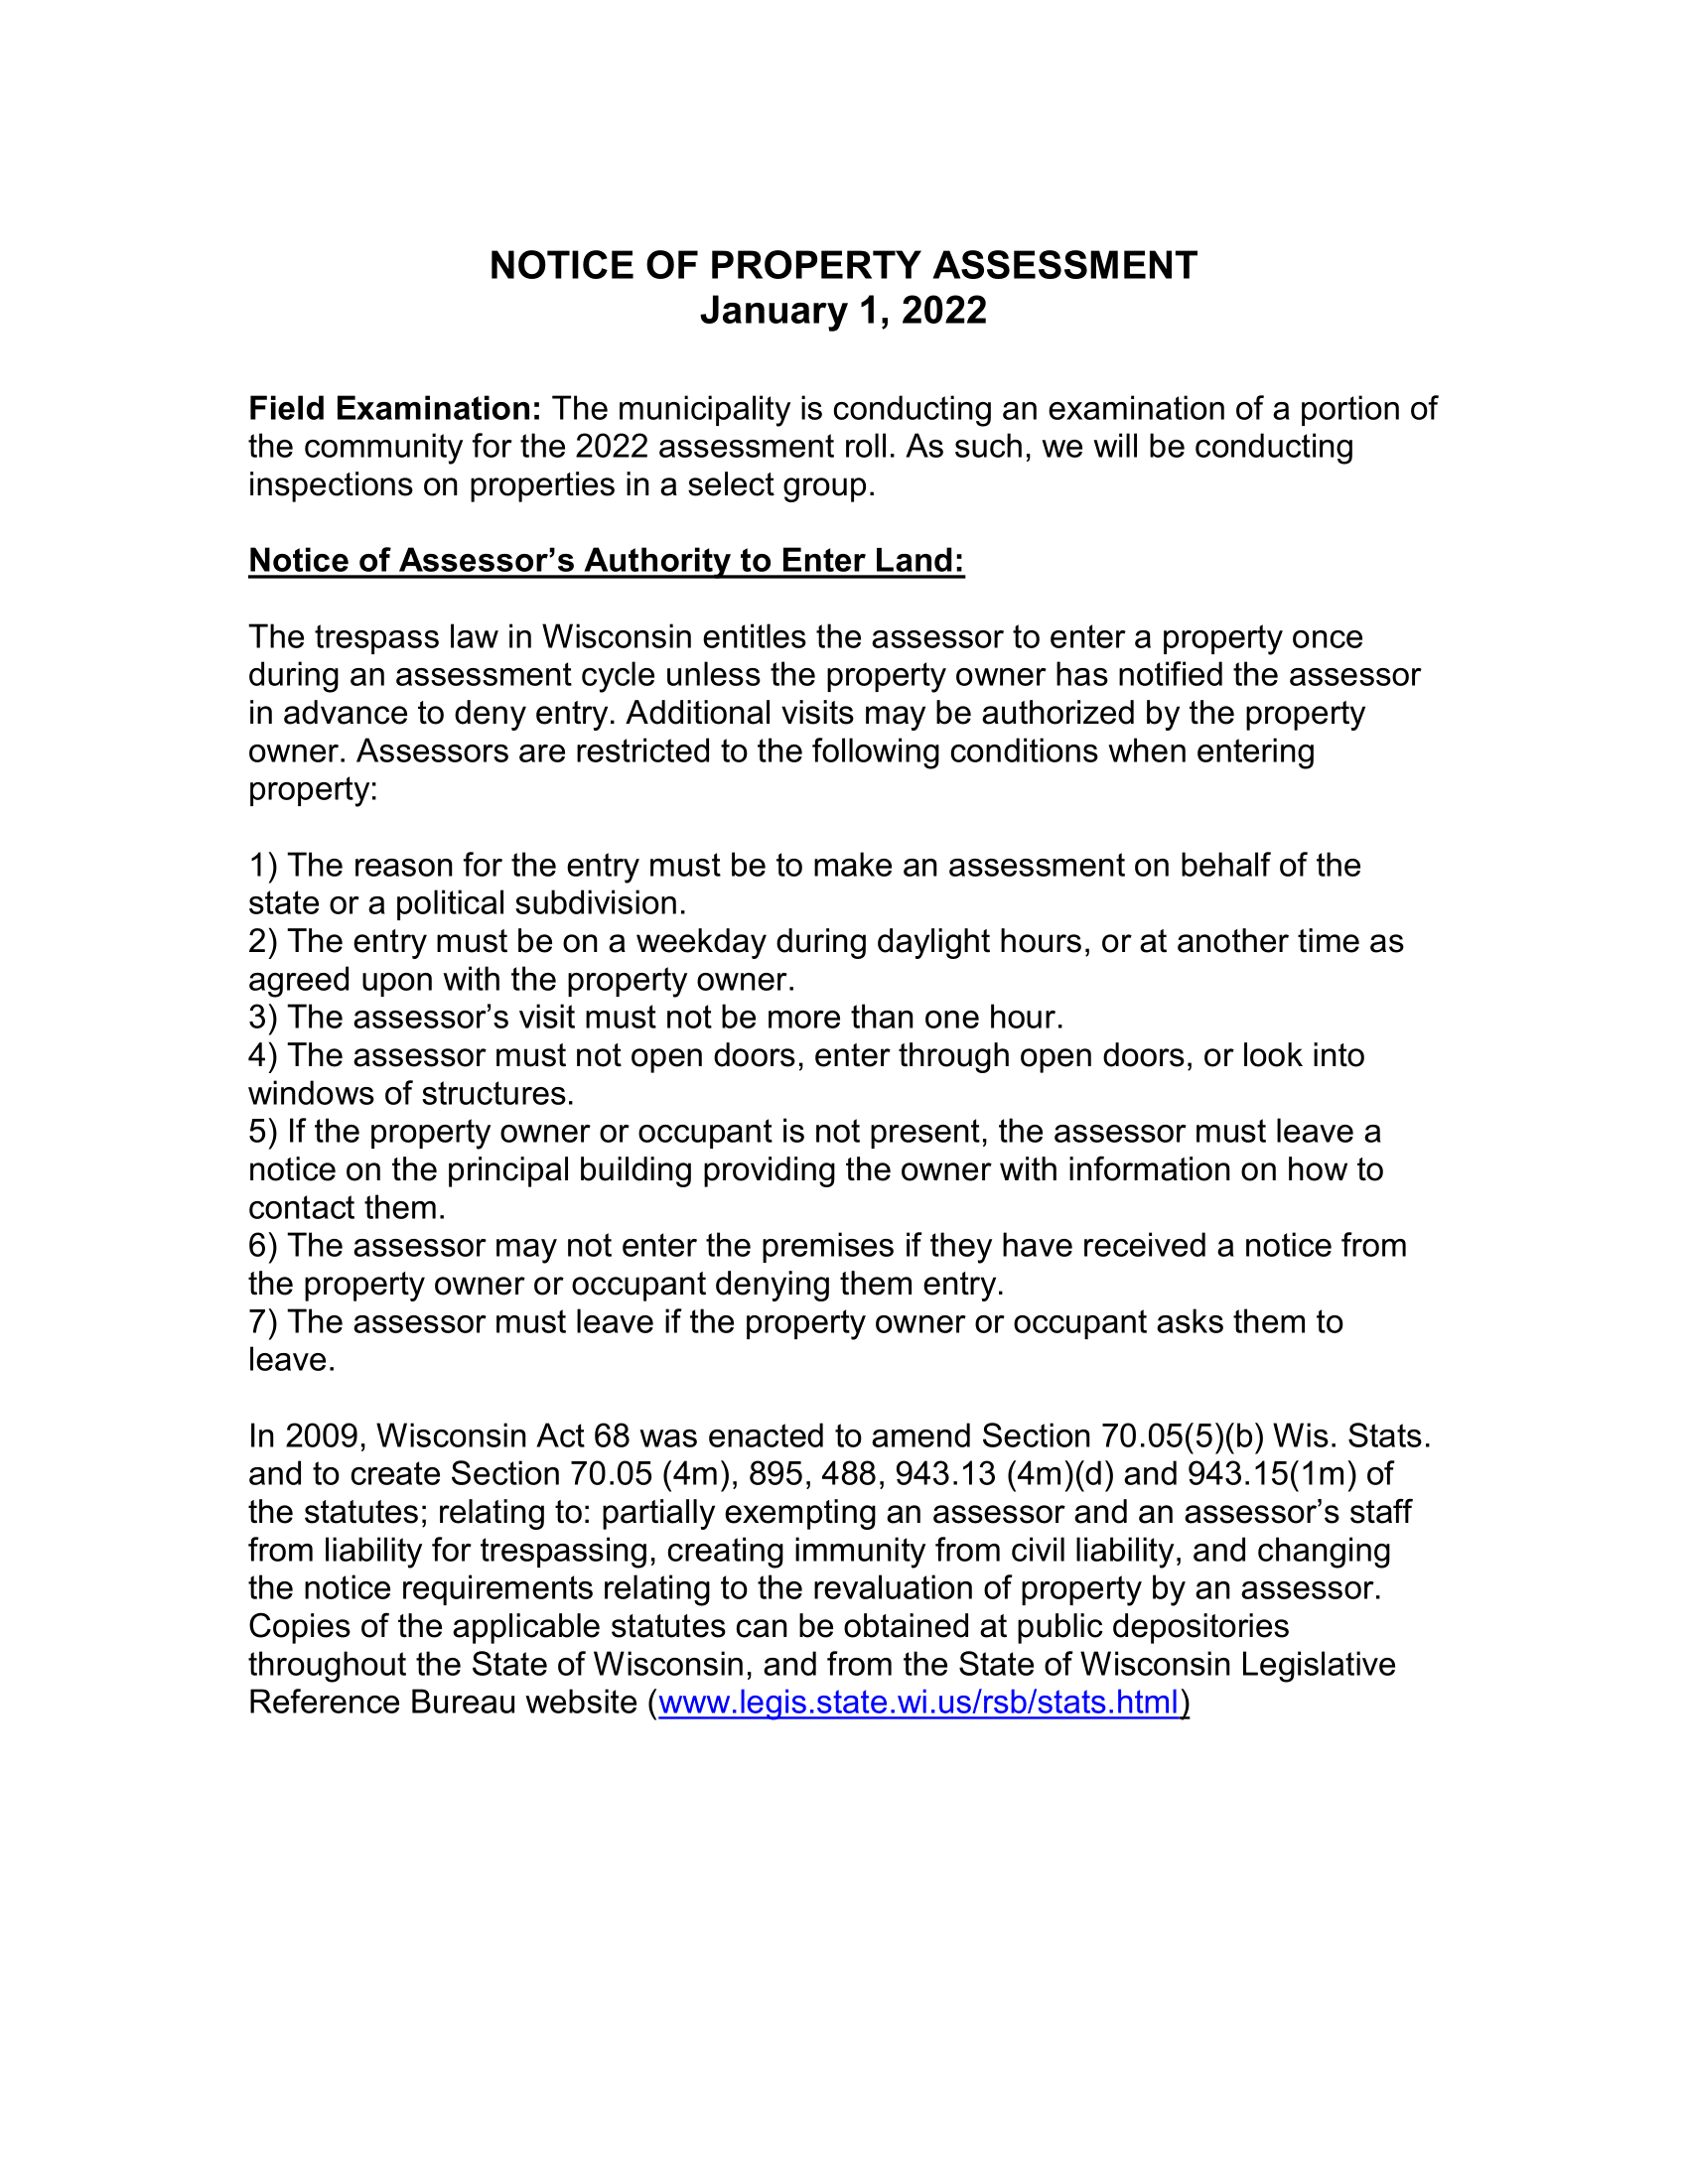 2021-trepass-assessment